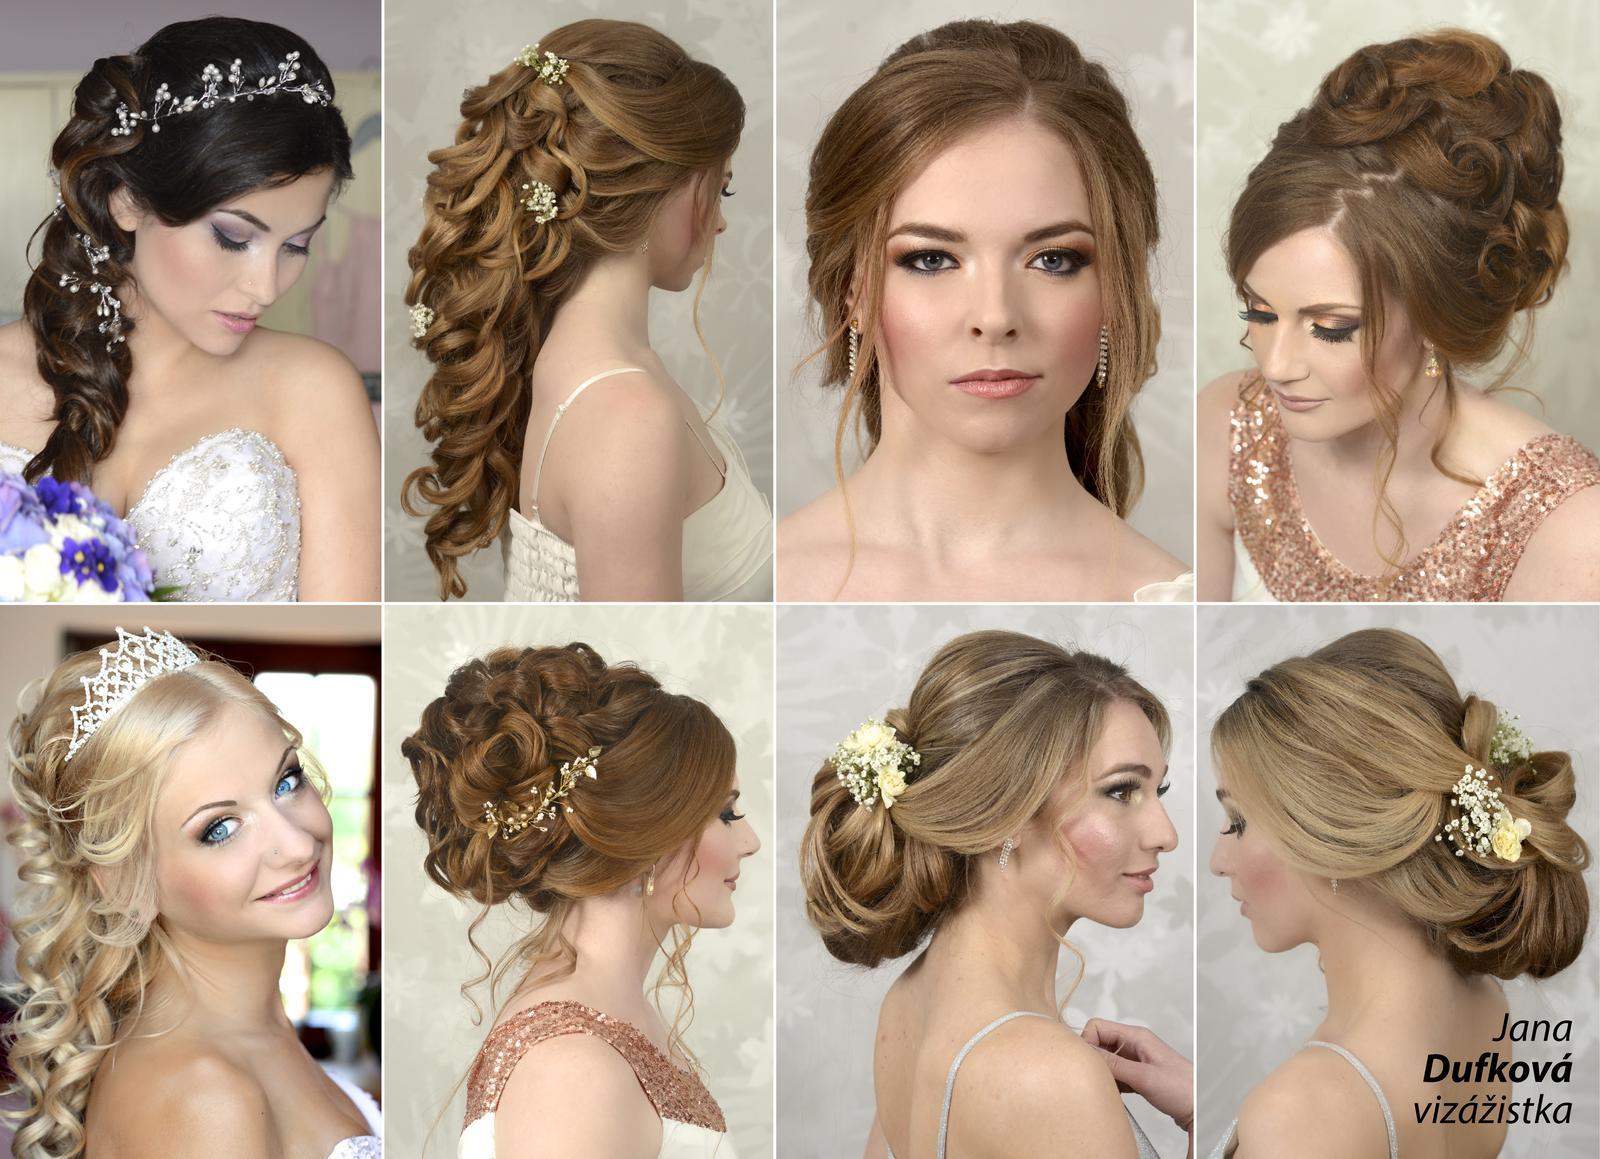 Milé nevěsty, mrkněte se... - Obrázok č. 1